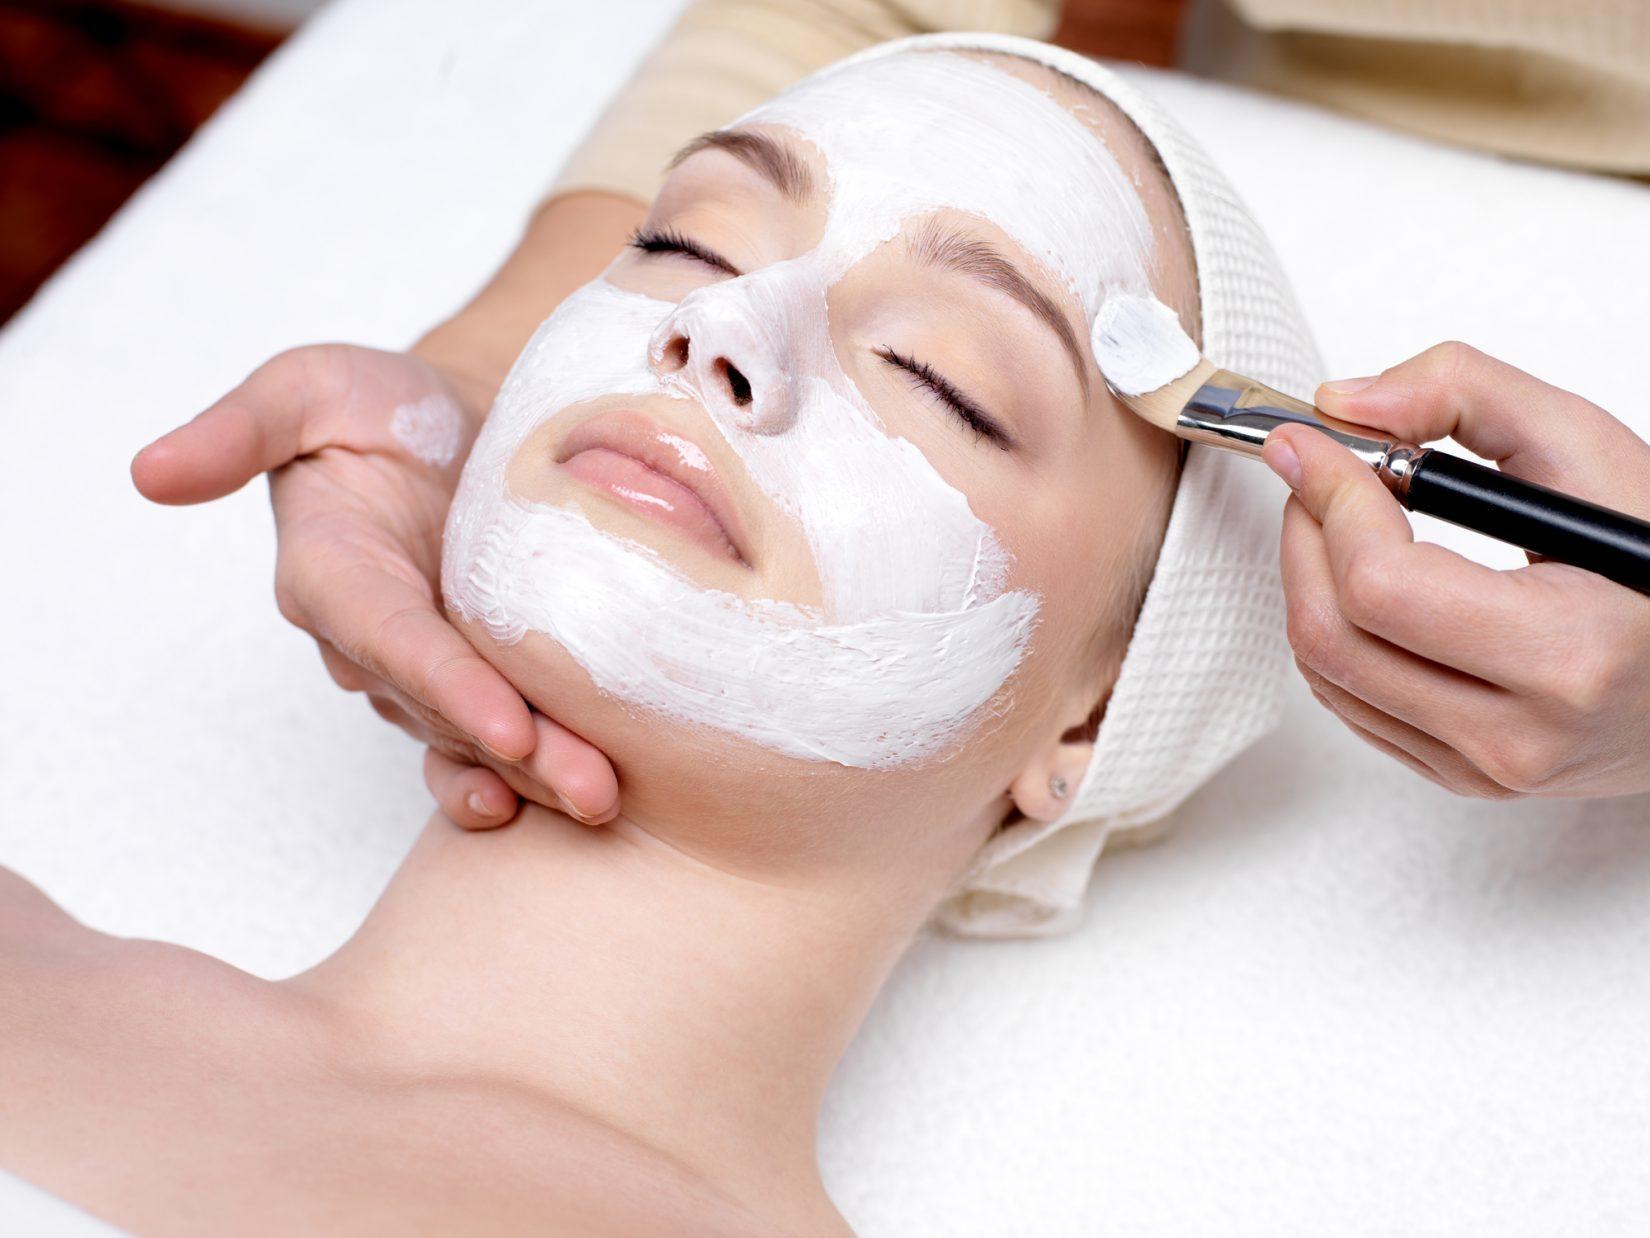 Foto facial treatment, penetration porn